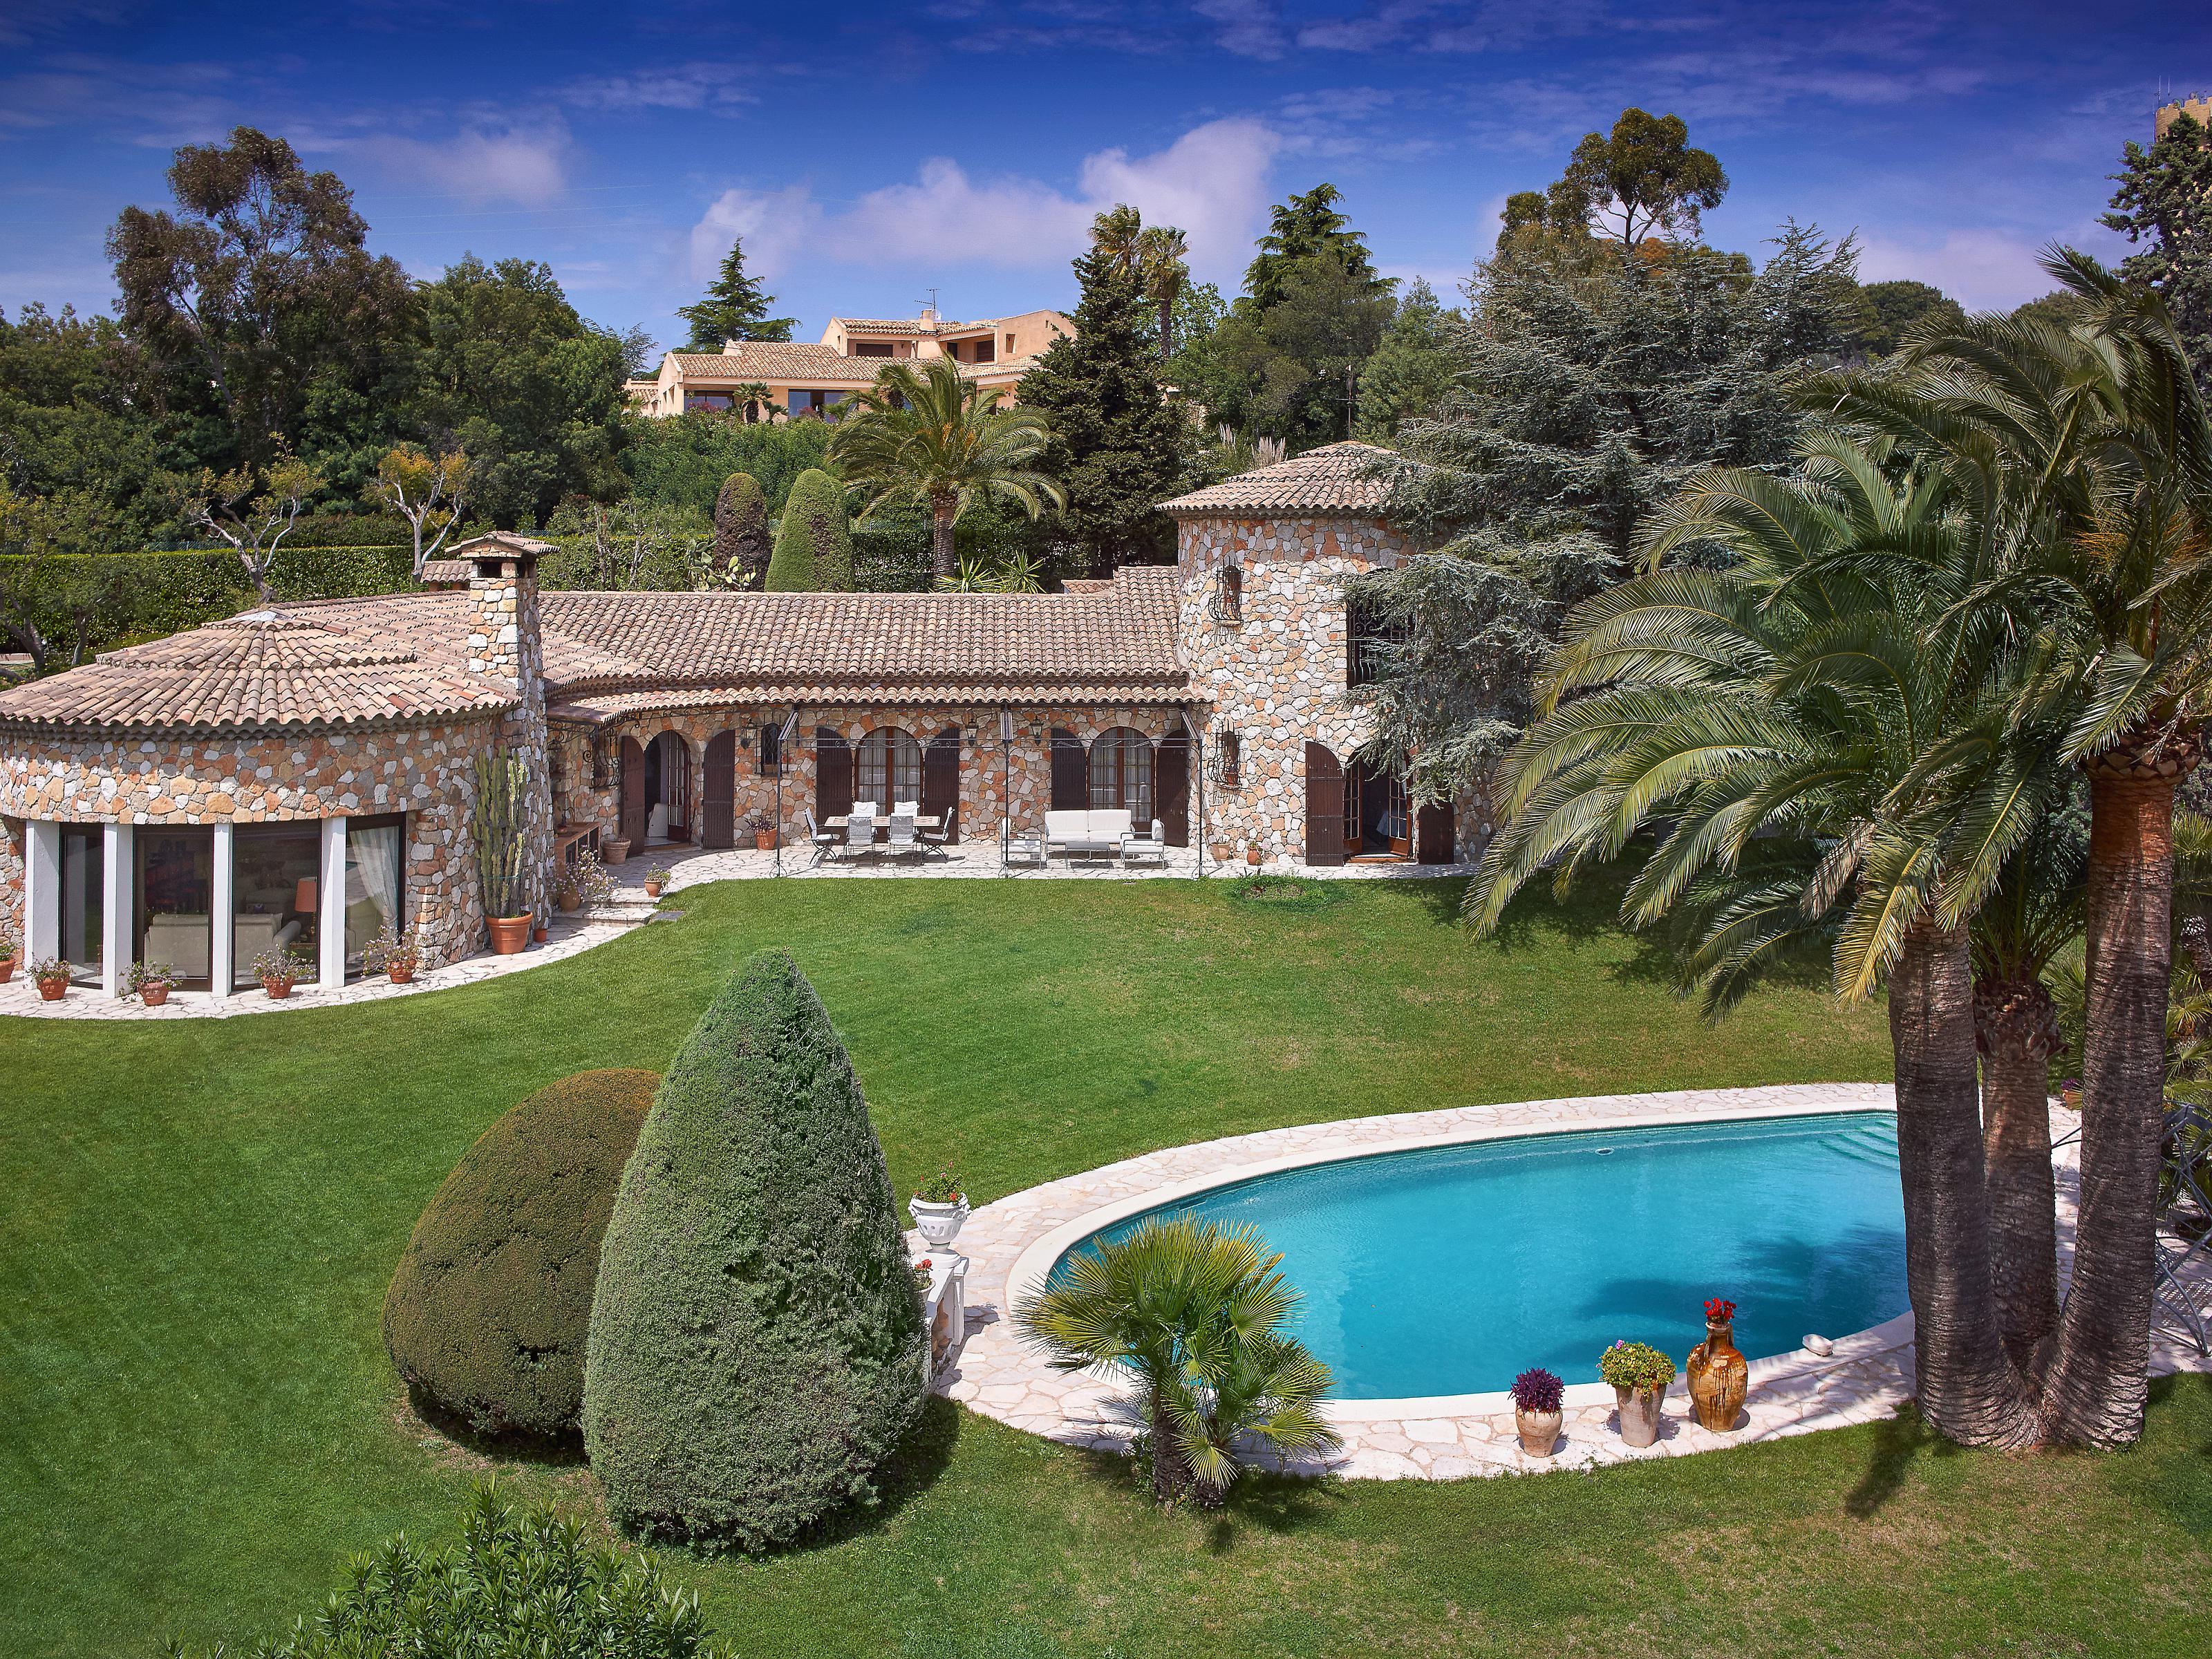 Villa per Vendita alle ore Authentic stone house for sale in Cannes Cannes, Provenza-Alpi-Costa Azzurra 06400 Francia